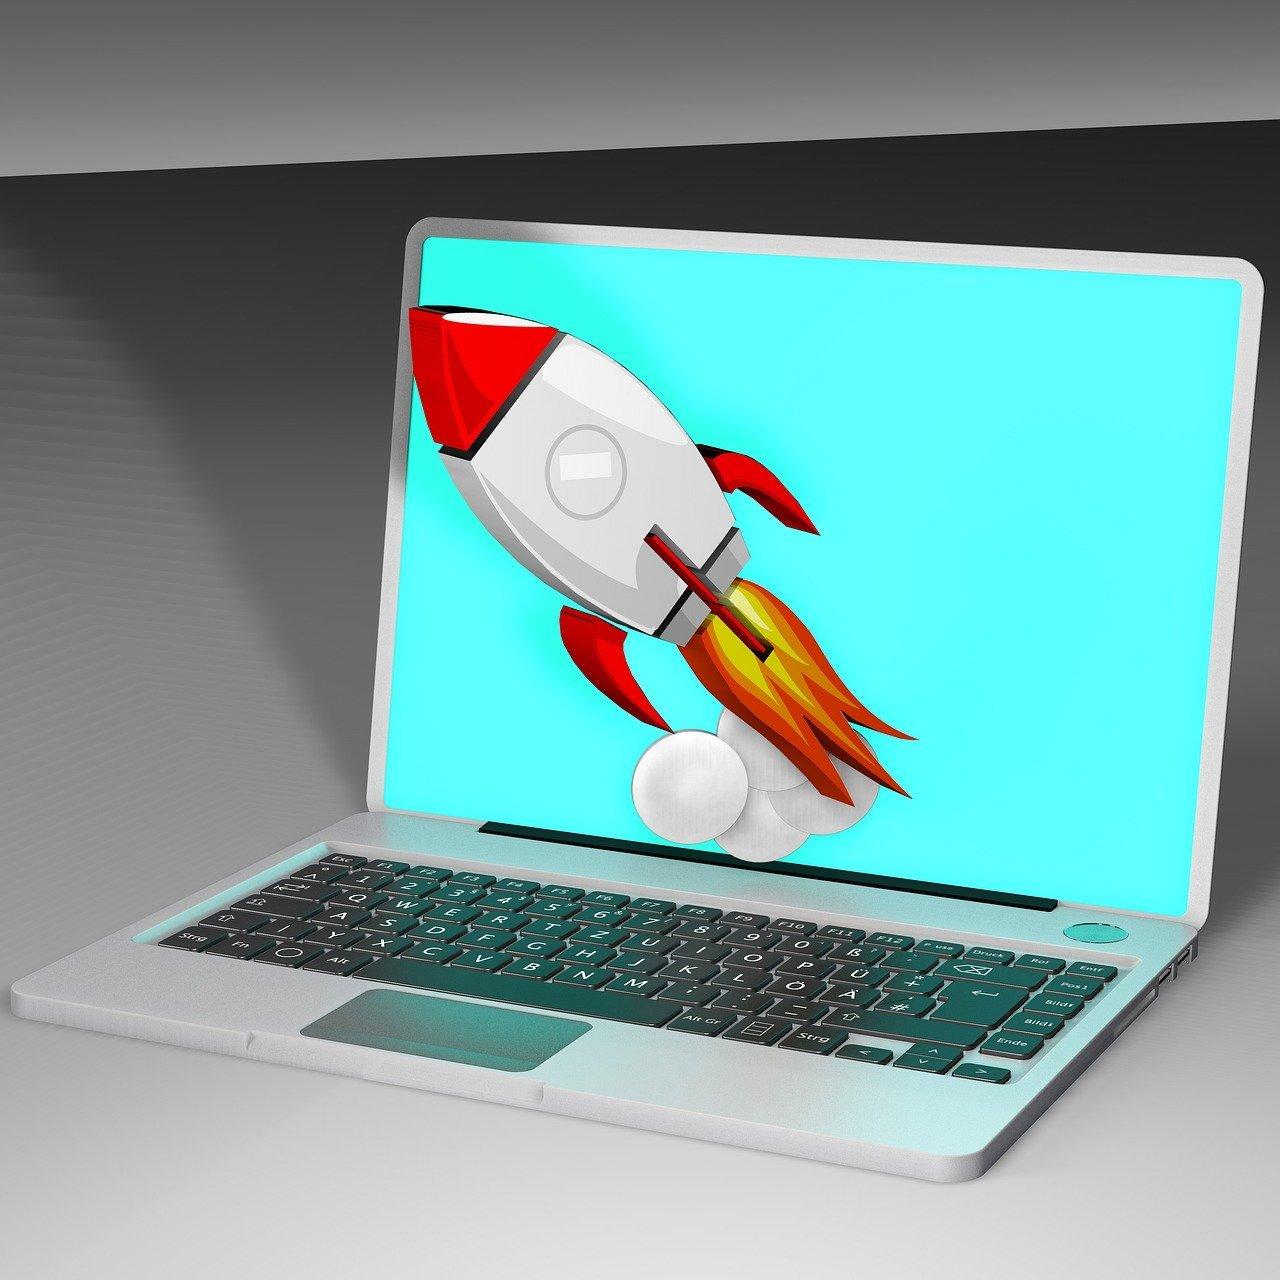 Potenziare il PC portatile - Daniele Scivoli